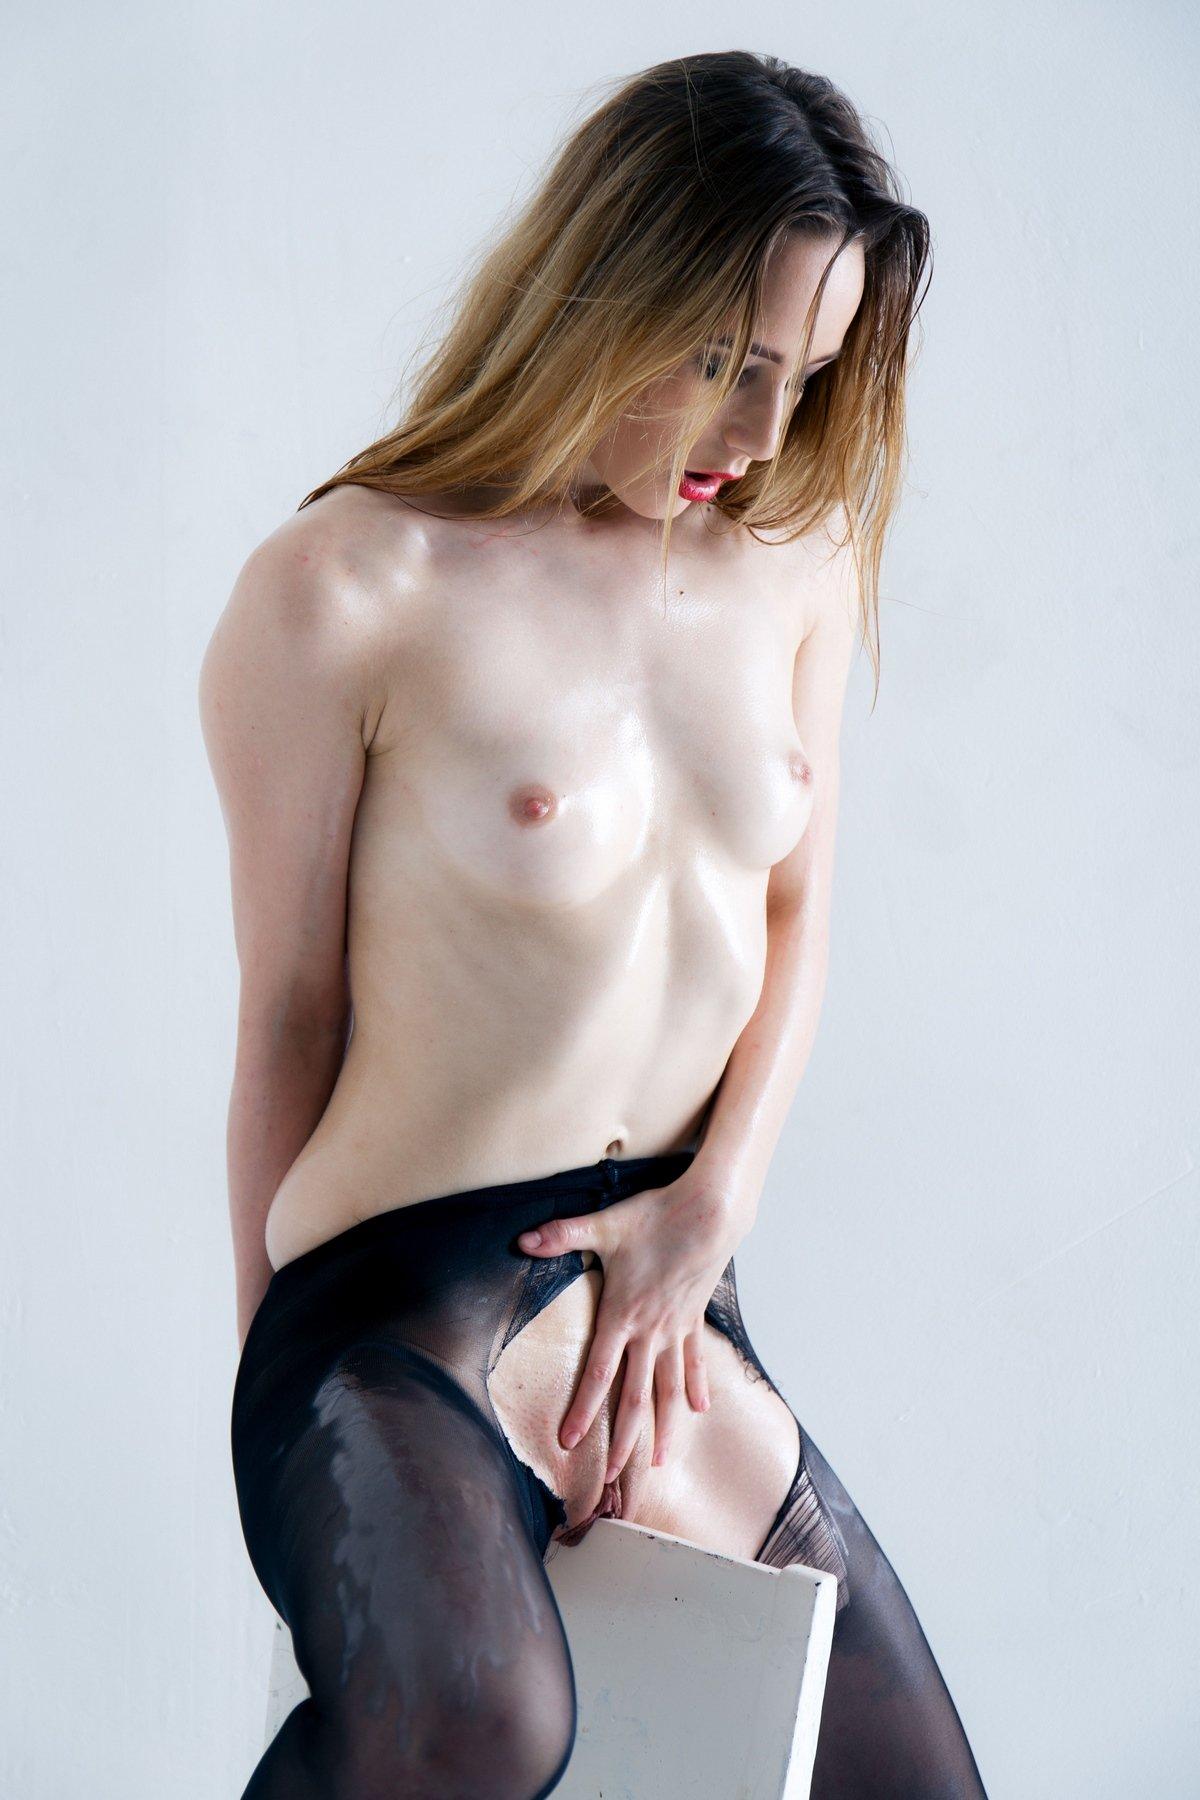 Блондинка в рваных колготках на голое тело